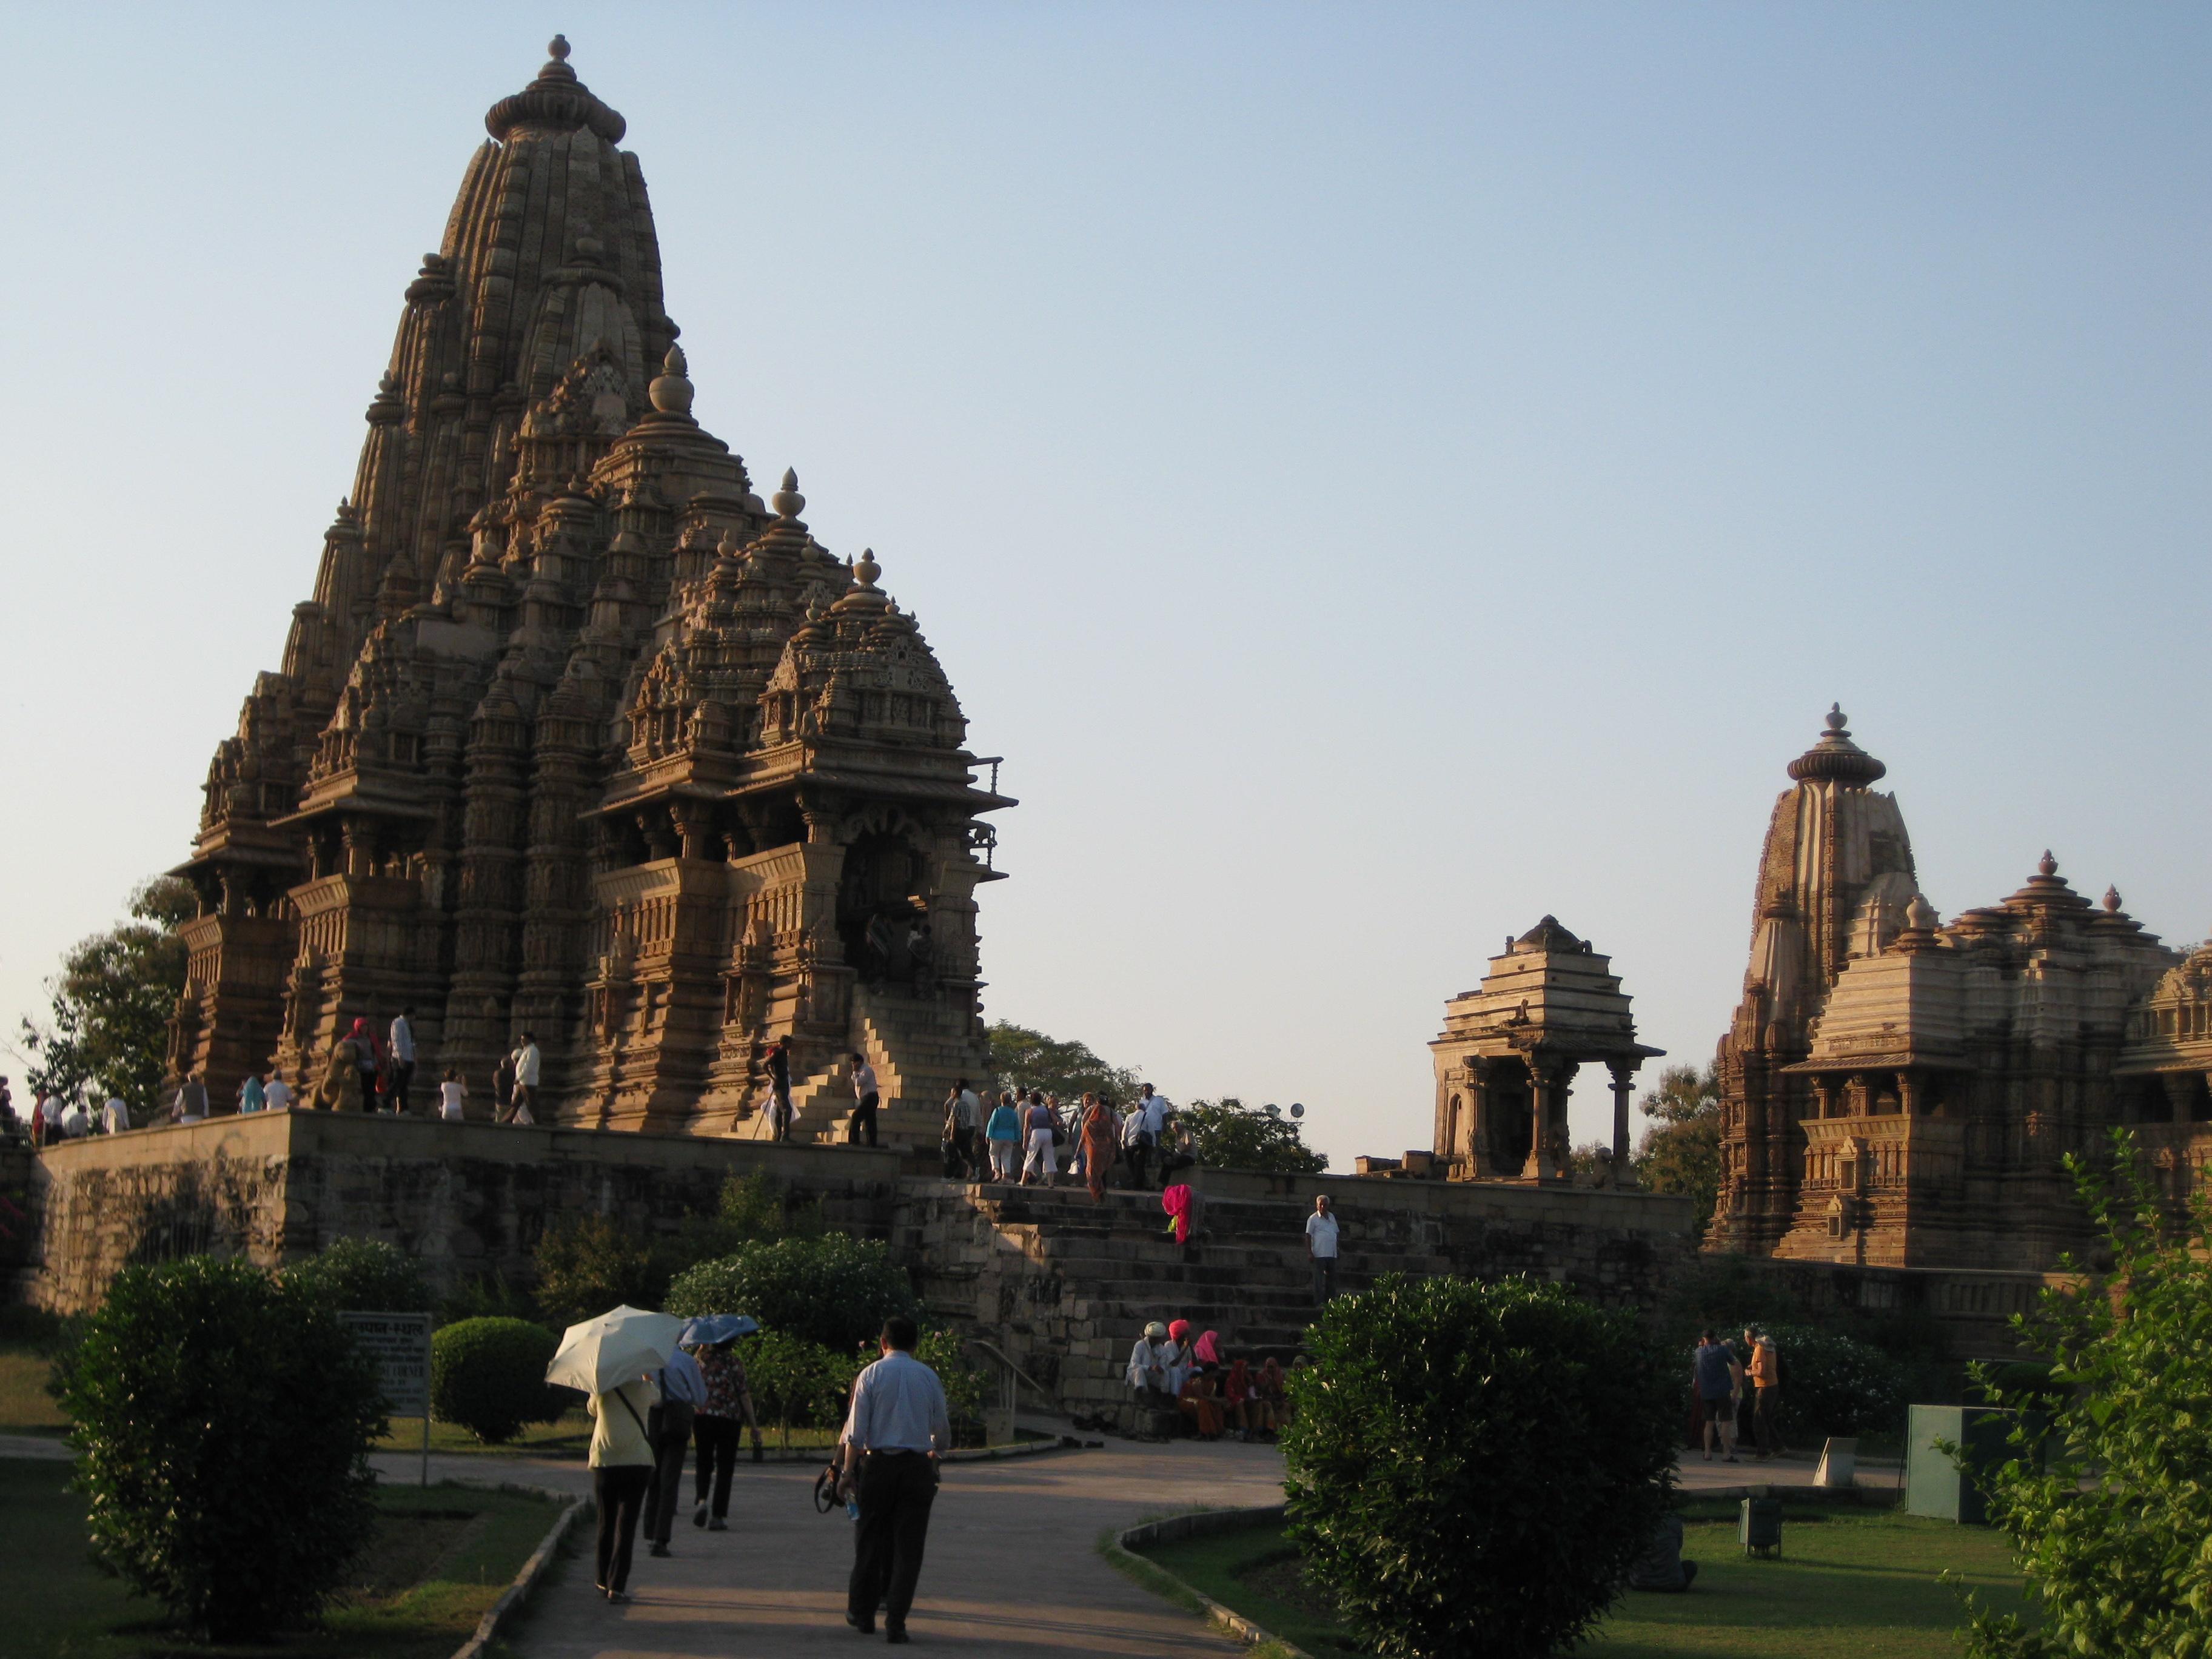 Храмы Каджурахо вызывают огромный интерес туристов